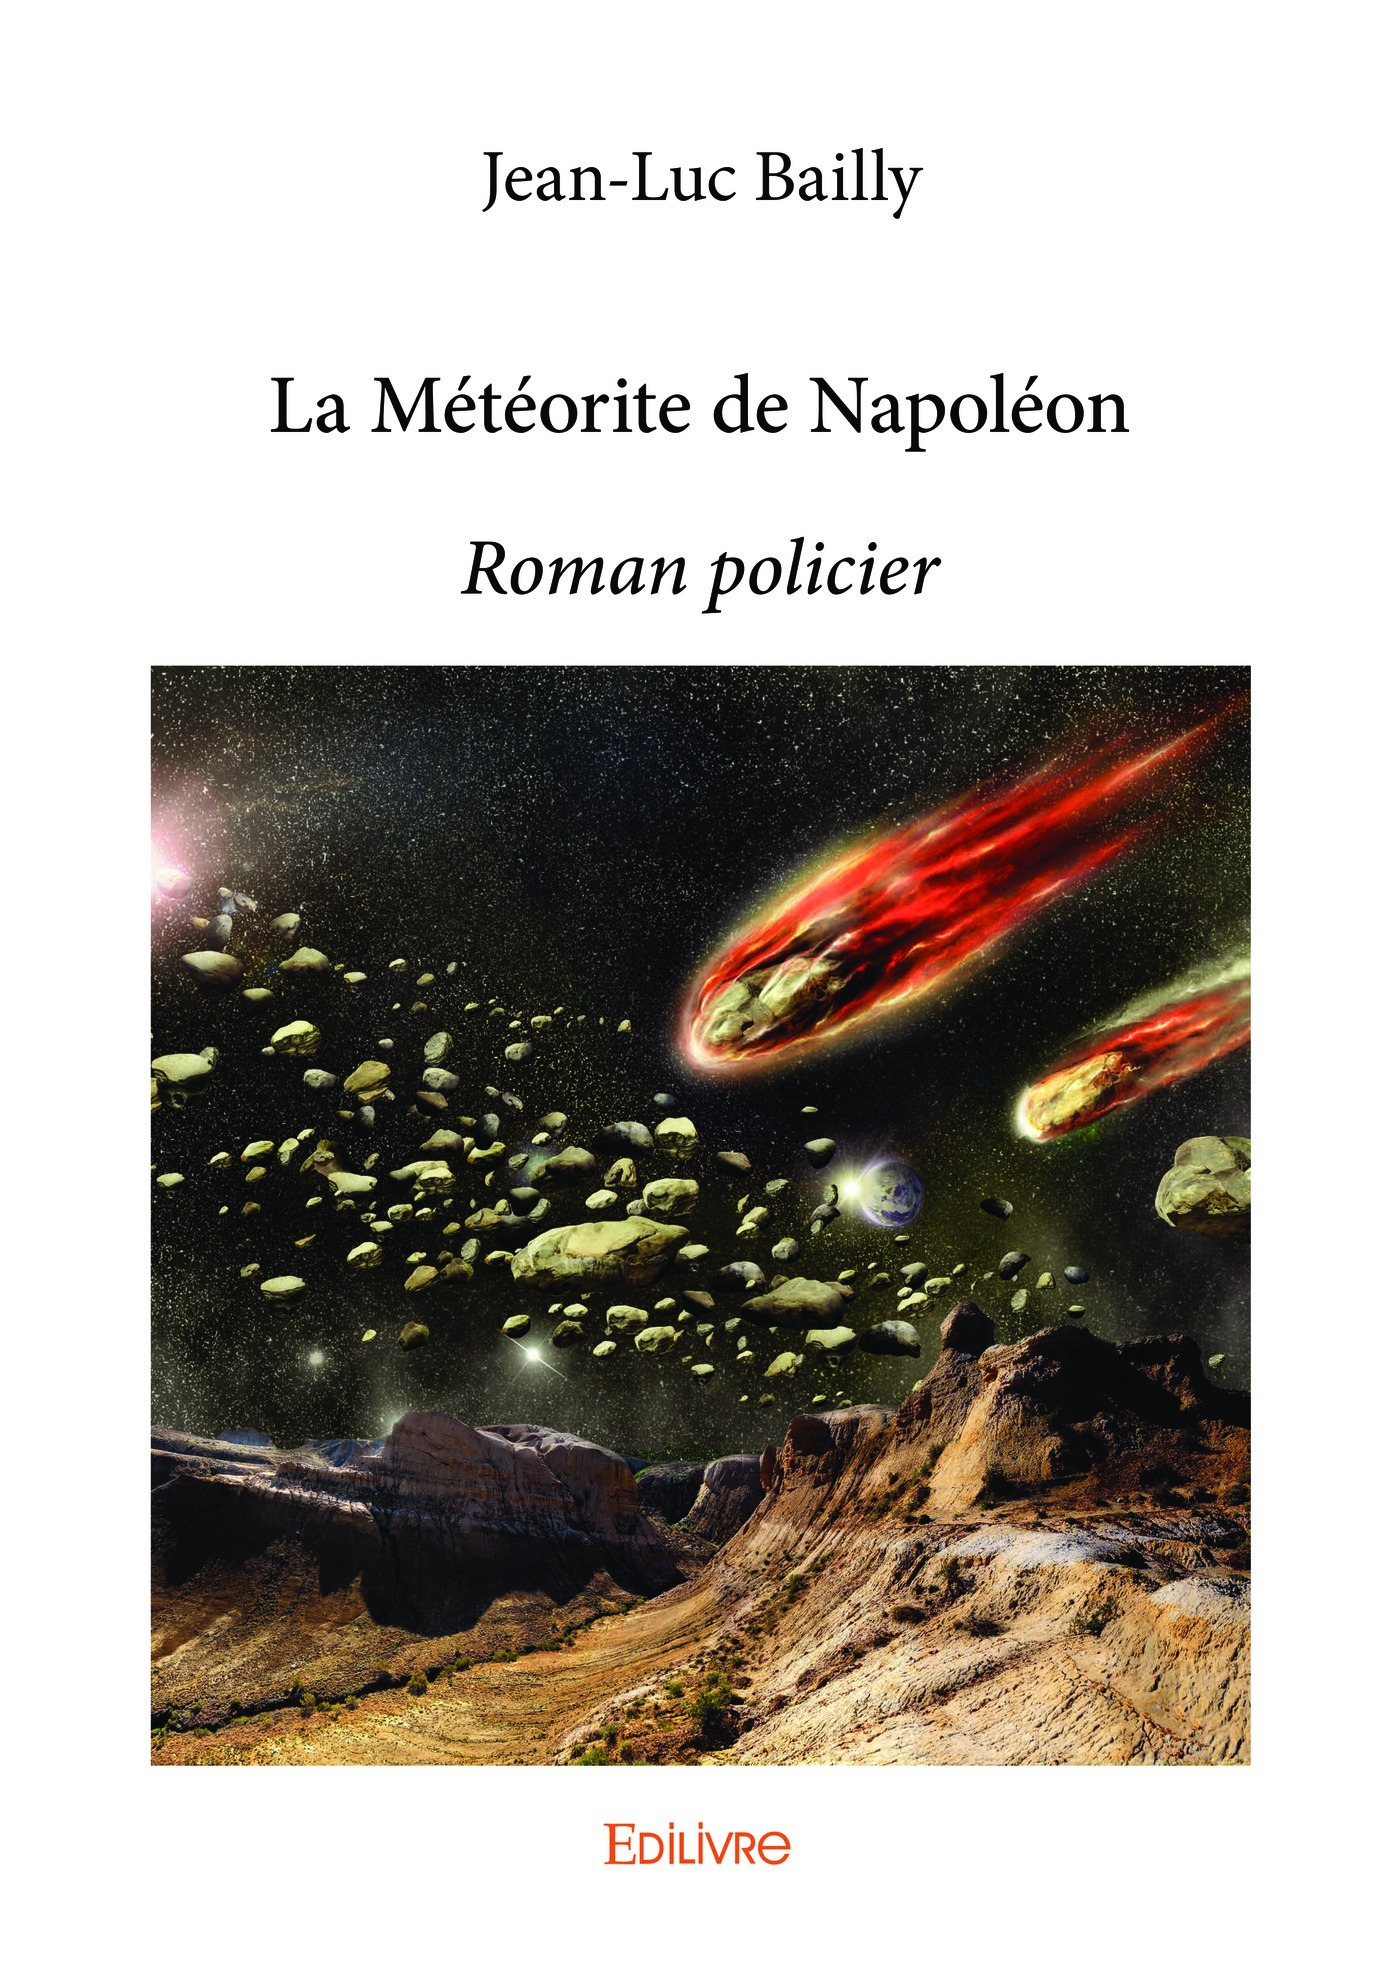 La Météorite de Napoléon  - Jean-Luc Bailly